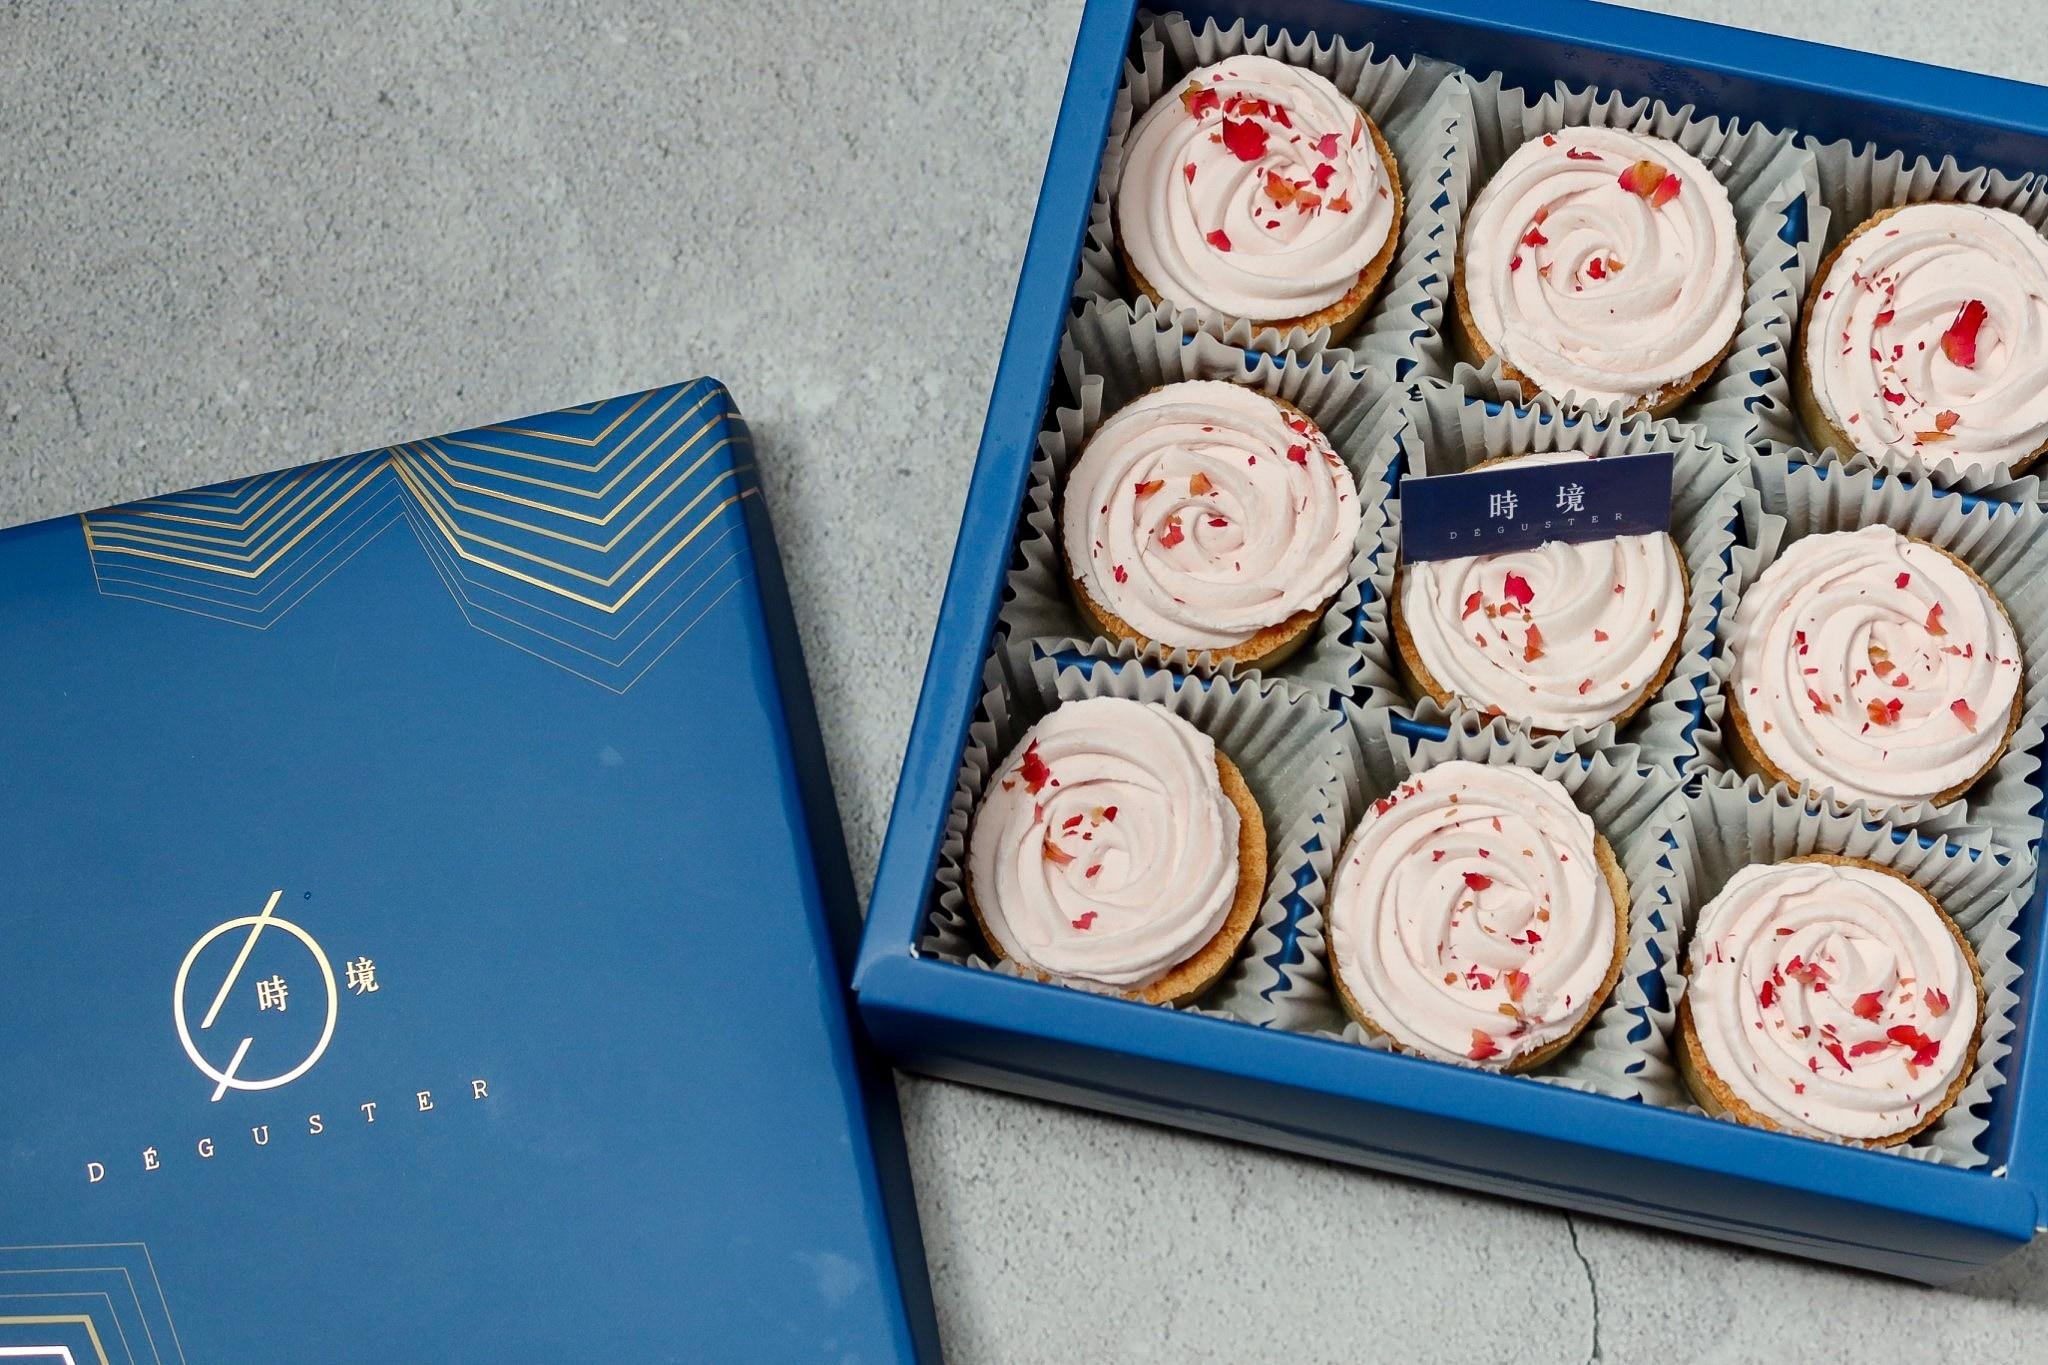 時境Deguster 紅寶石巧克力玫瑰塔│夢幻系自帶粉紅濾鏡的甜點【無添加色素,純天然紅寶石可可豆萃取提煉而成】減糖好吃不膩口新品上市